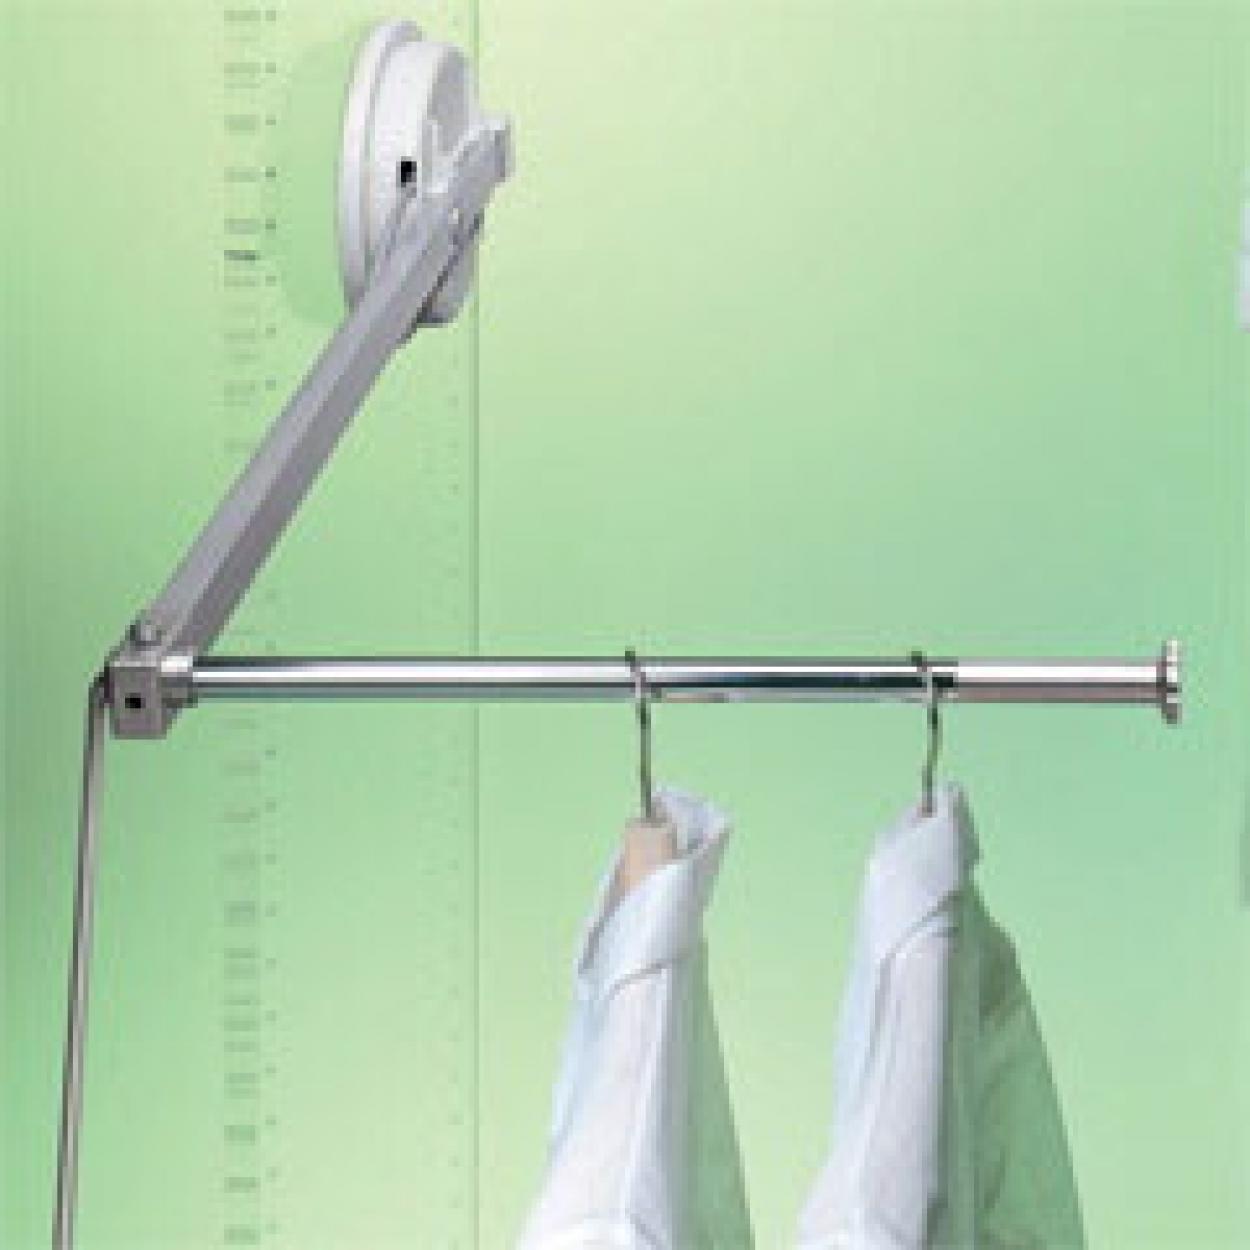 пантограф мебельный Лифт 102 для одежды в шкаф левый цвет серый